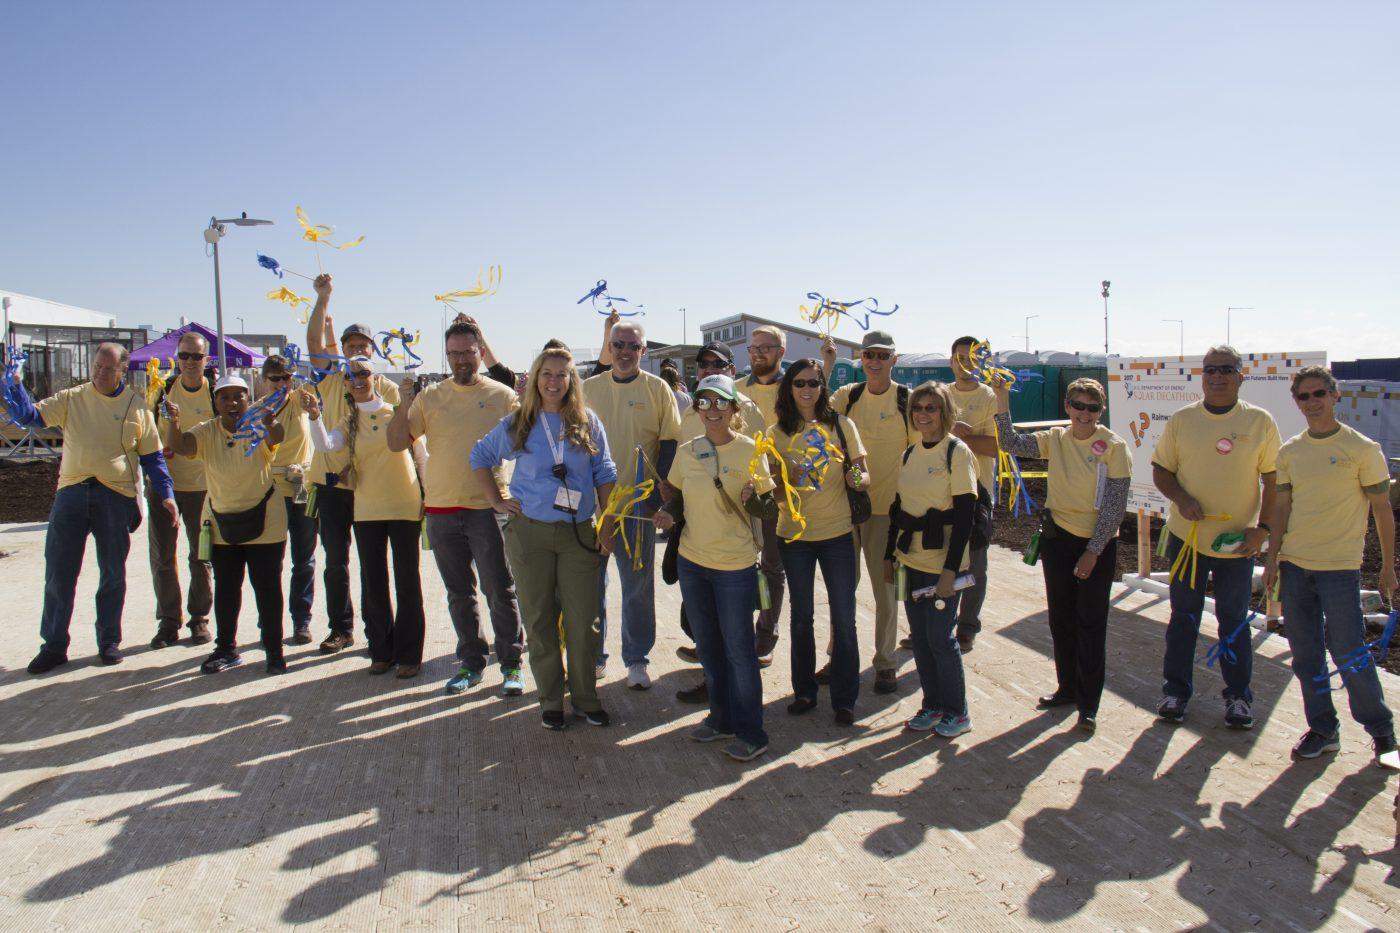 Solar Decathlon 2017 Volunteers, Credit: Garrett Bourcier:U.S. Department of Energy Solar Decathlon